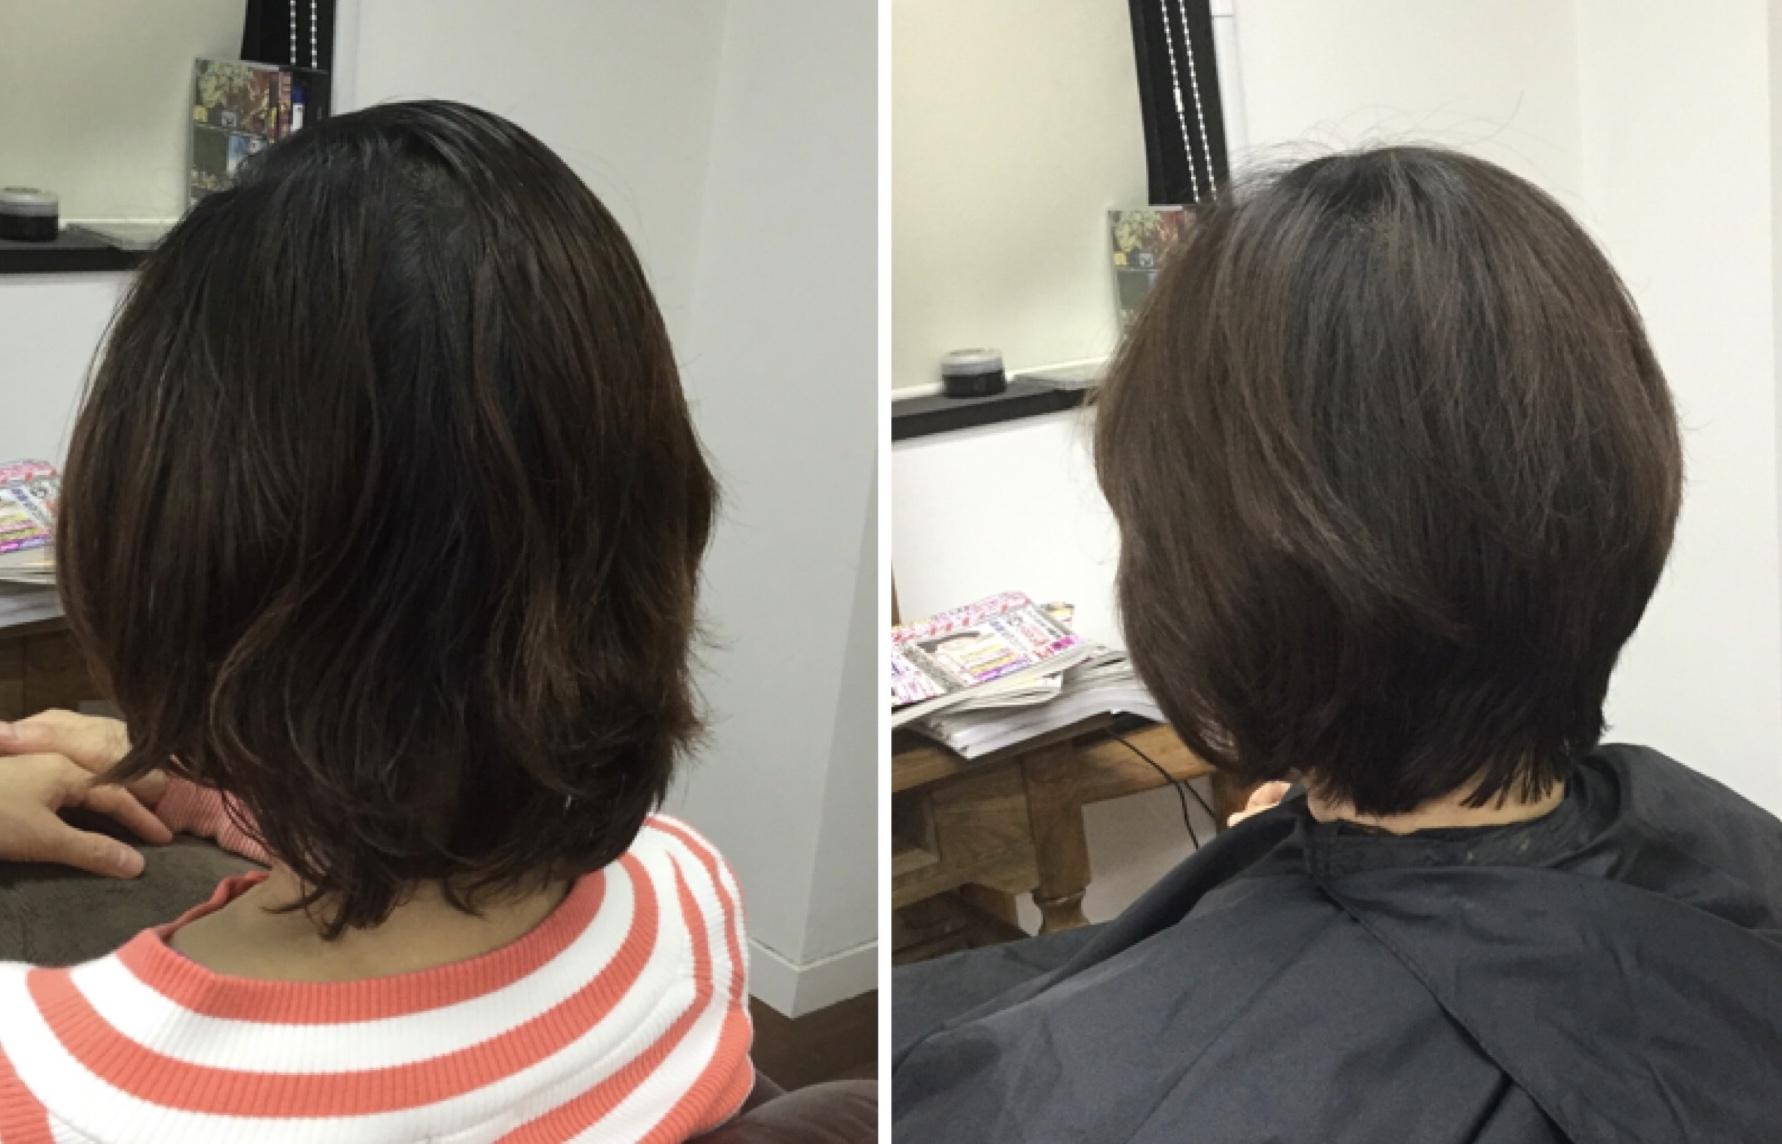 くせ毛の悩みに【貴女はいつまで縮毛矯正を続けますか?】キュビズムカット ®︎で卒業っ!